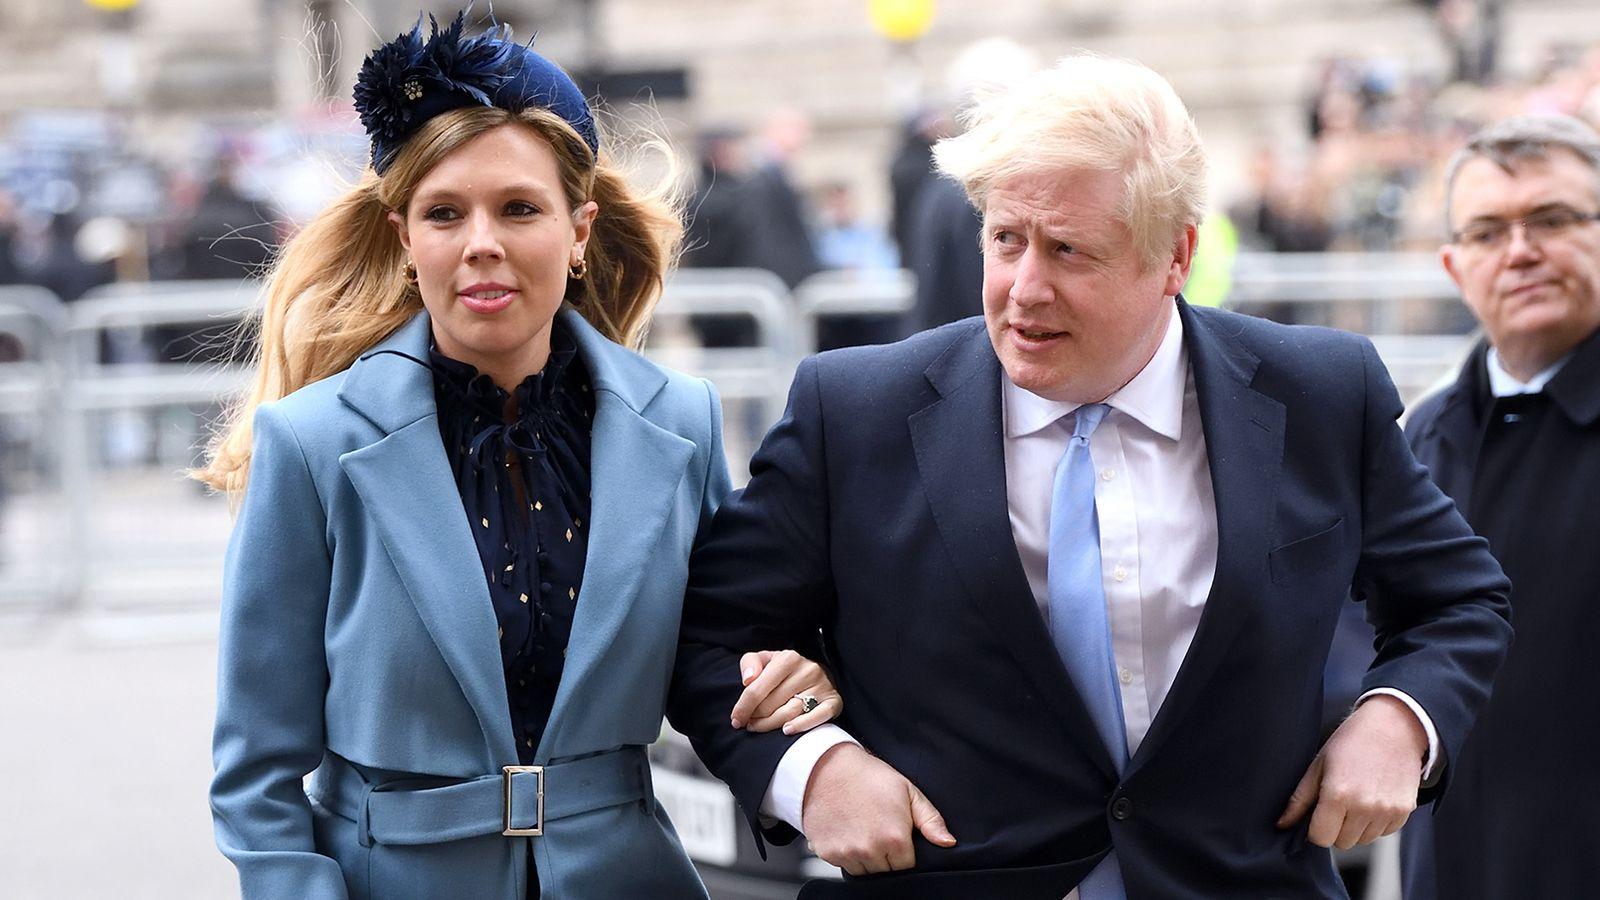 英国首相约翰逊的怀孕未婚妻出现新冠肺炎症状